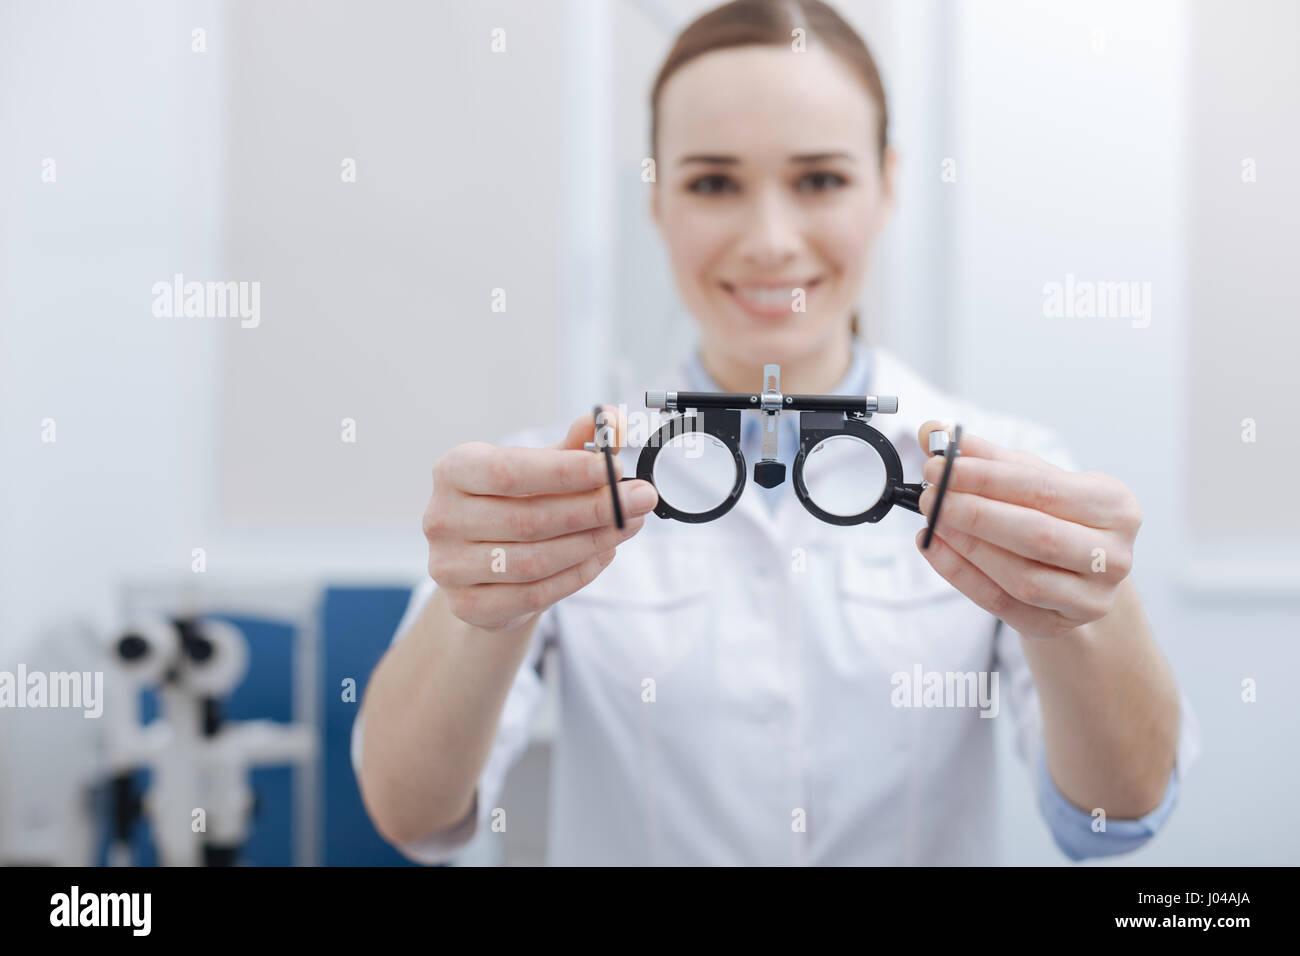 El enfoque selectivo de examen ocular gafas Imagen De Stock